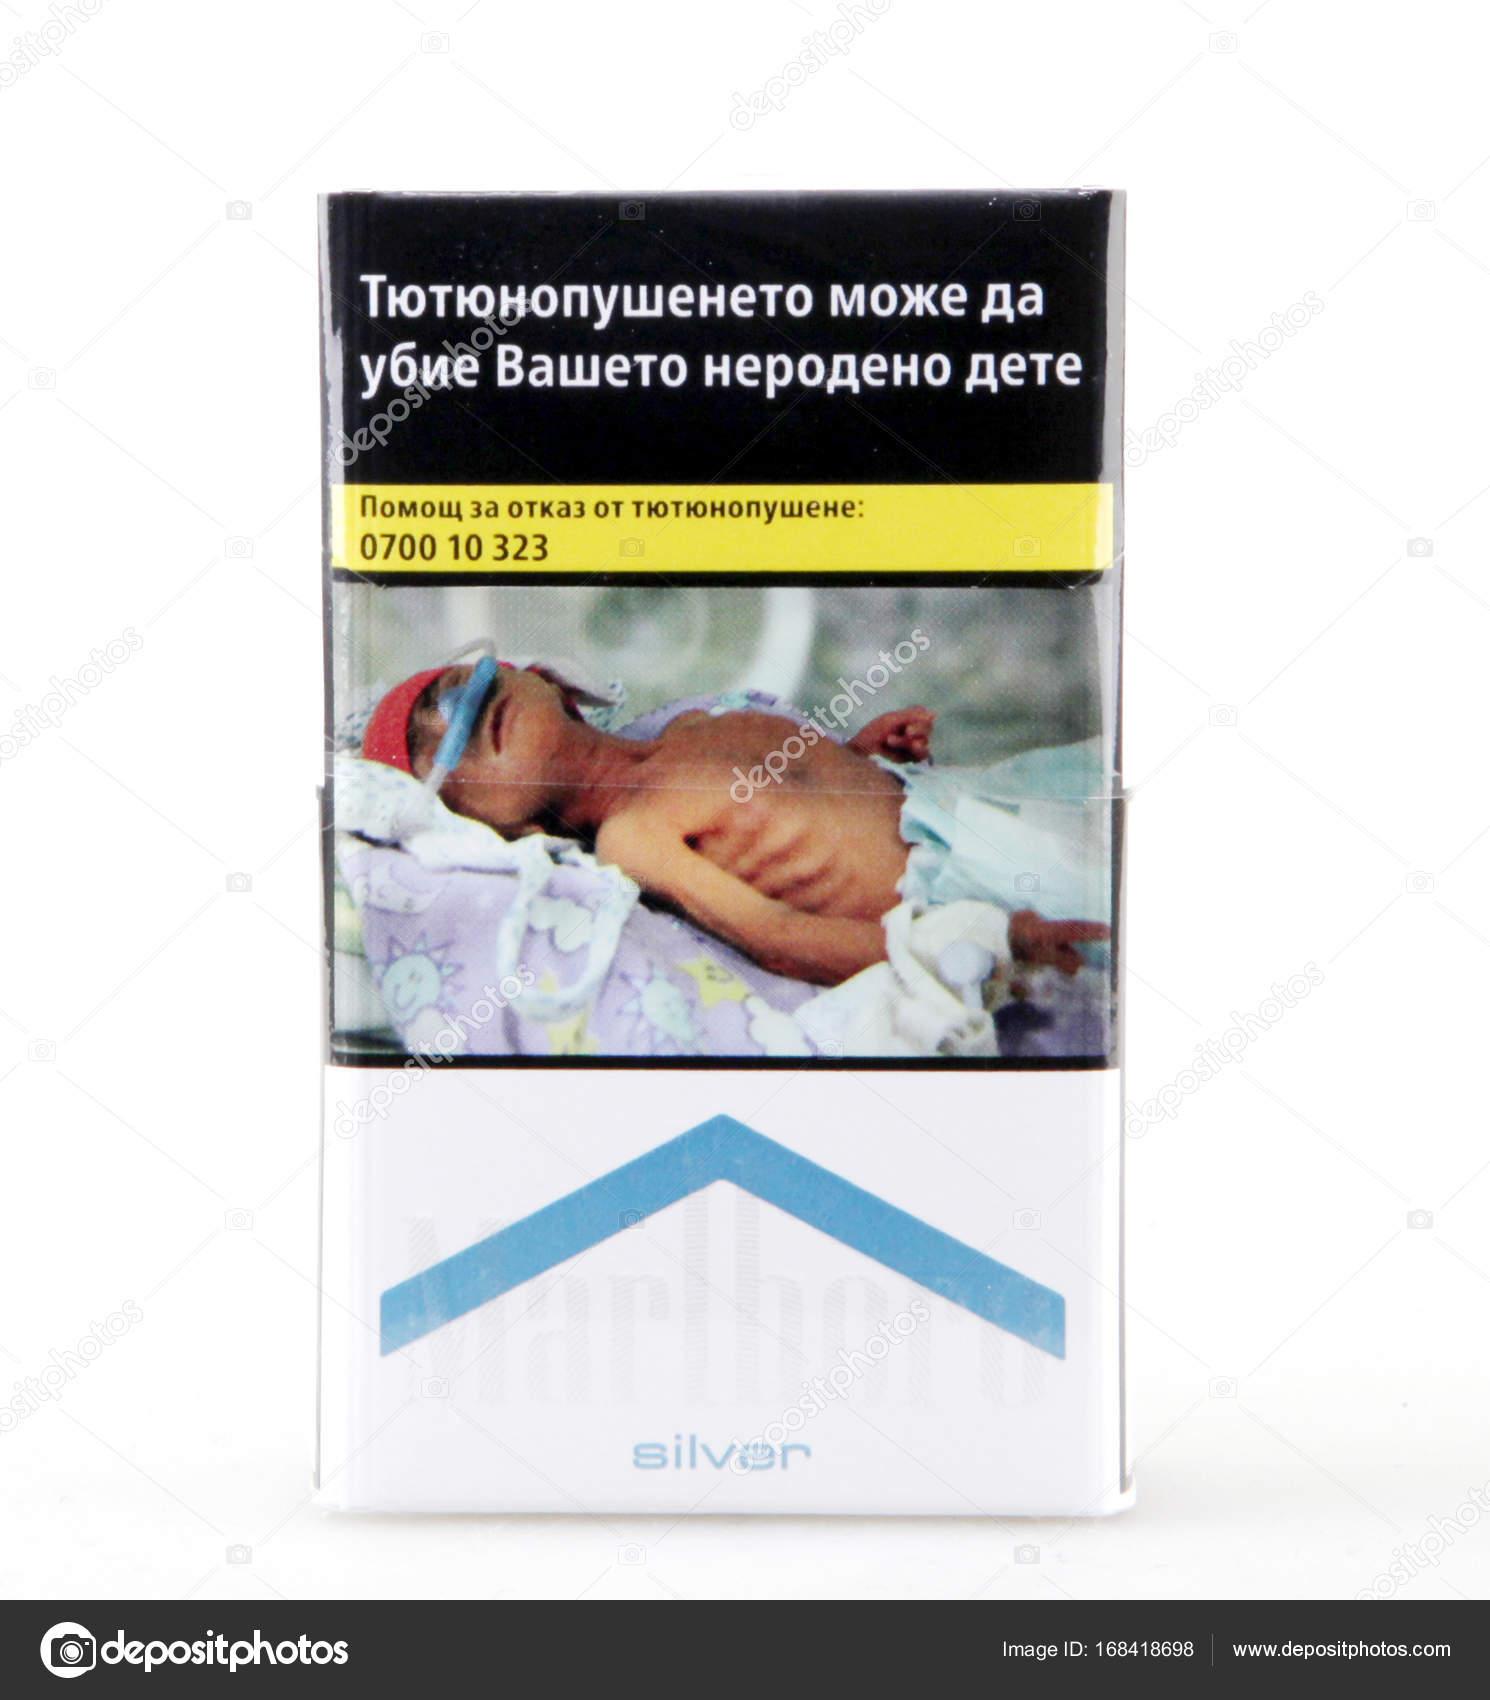 Free cigarettes Marlboro in Spain